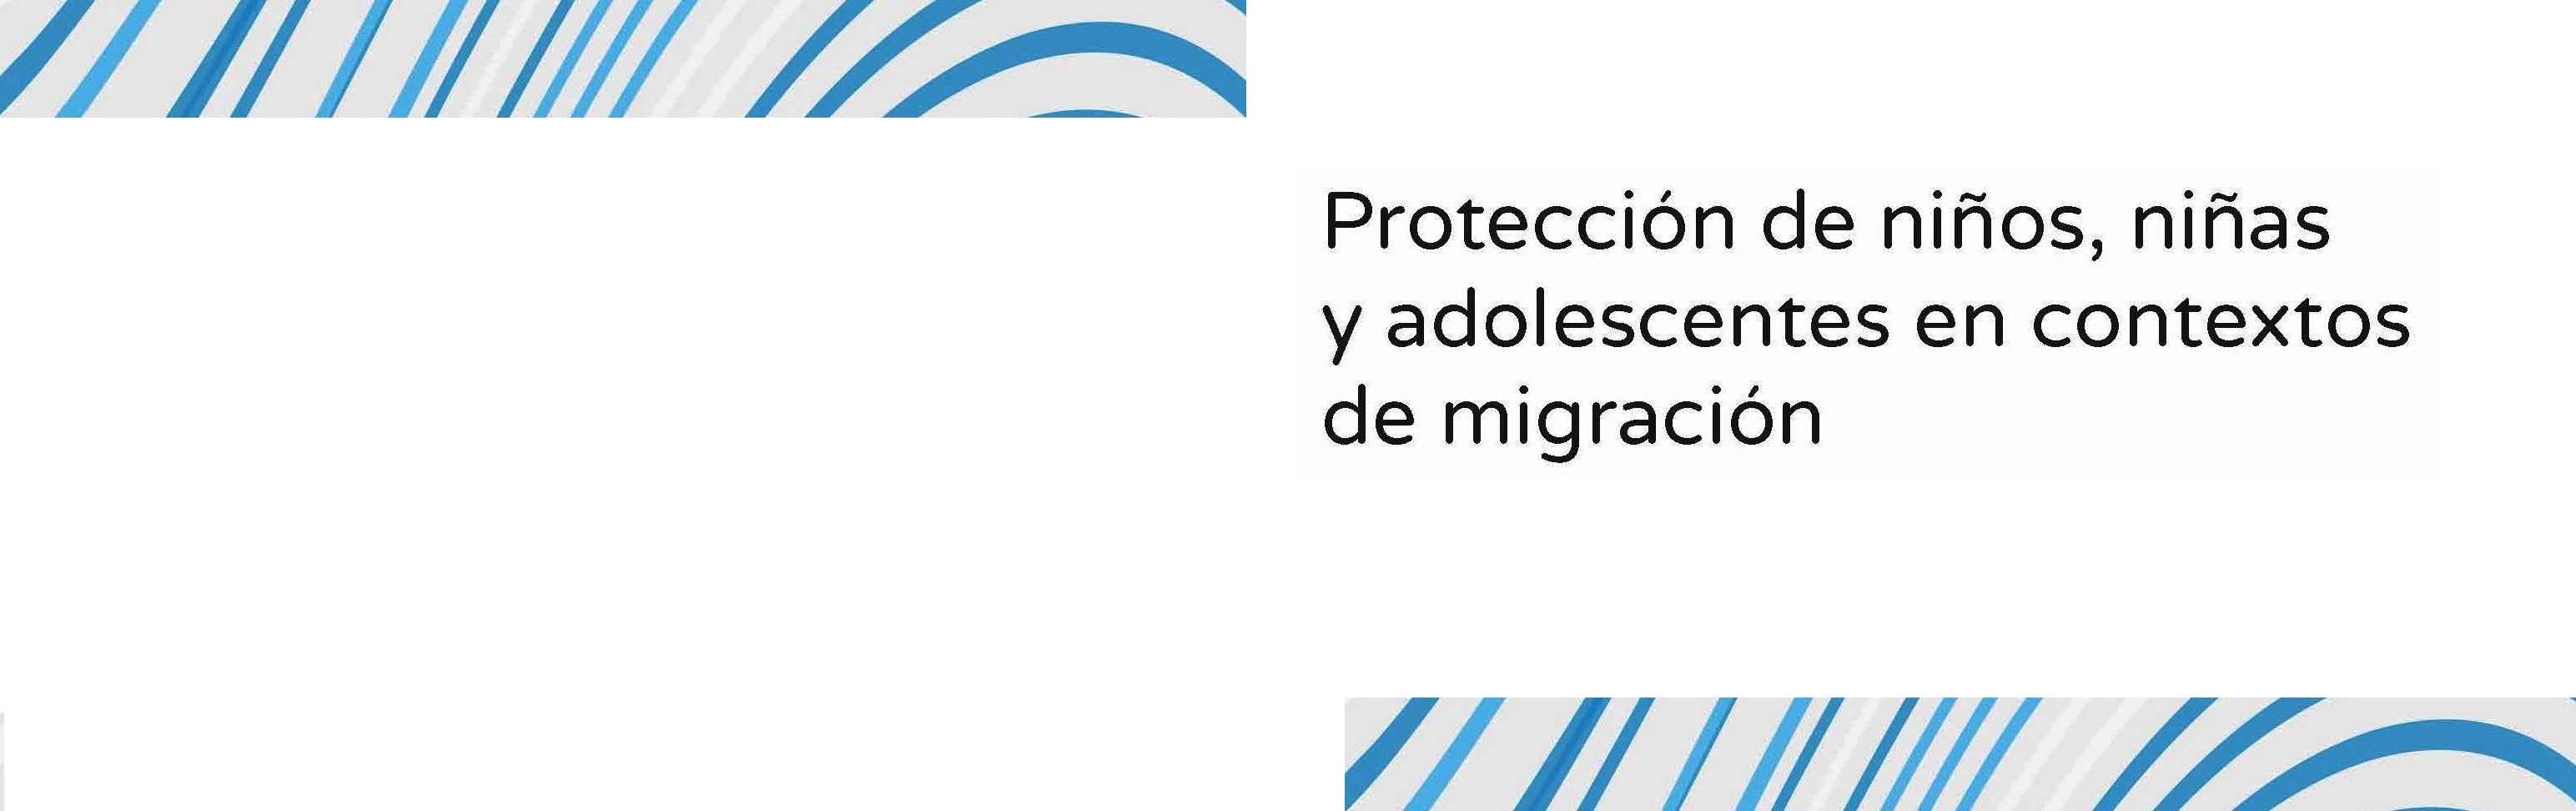 Nueva publicación del IPPDH sobre protección de derechos de la niñez migrante